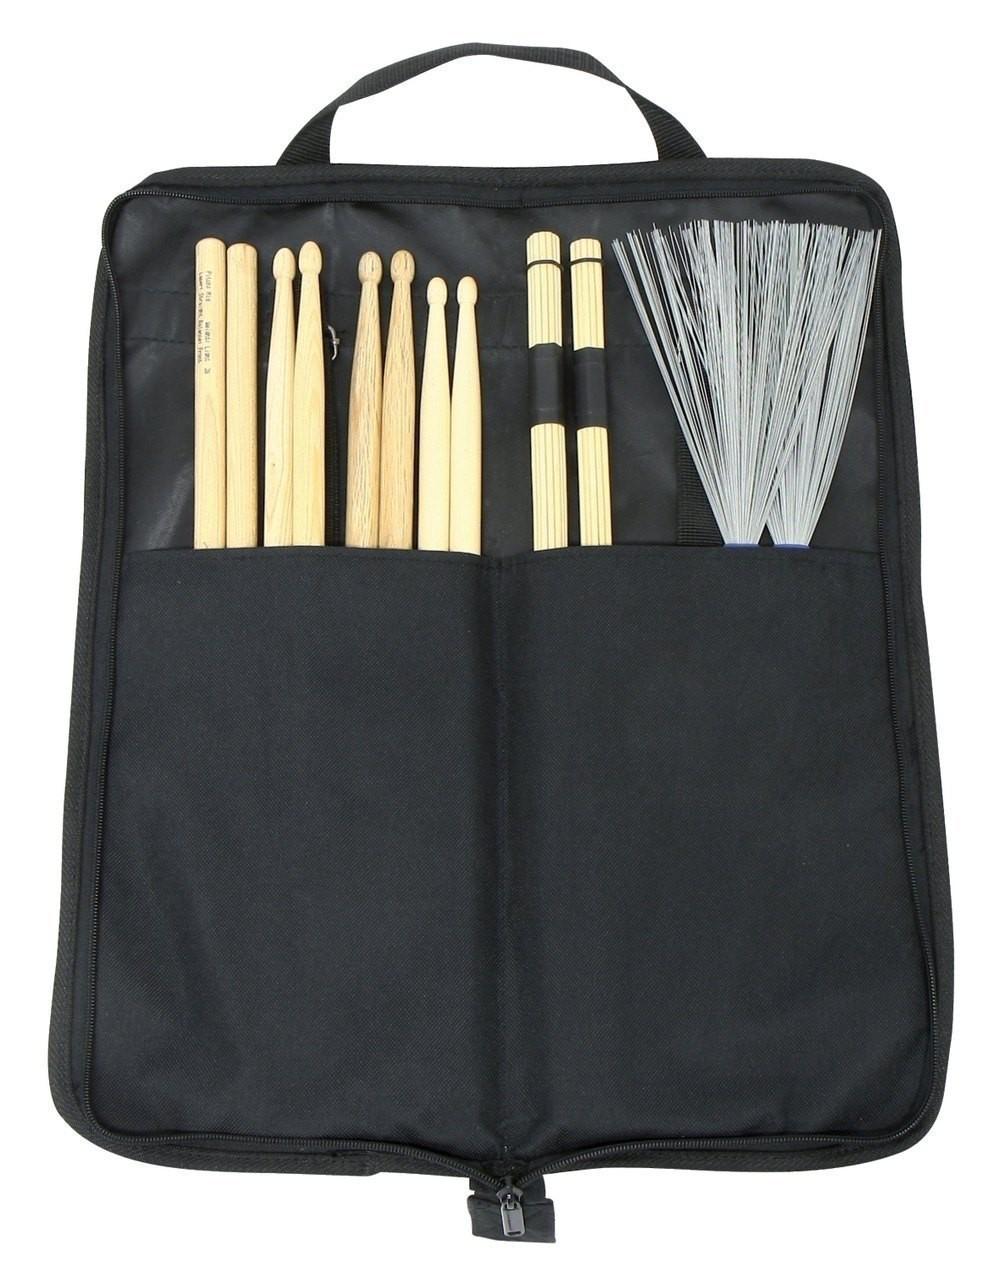 Drumstickbag Stocktasche   Rods   Besen   Sticks